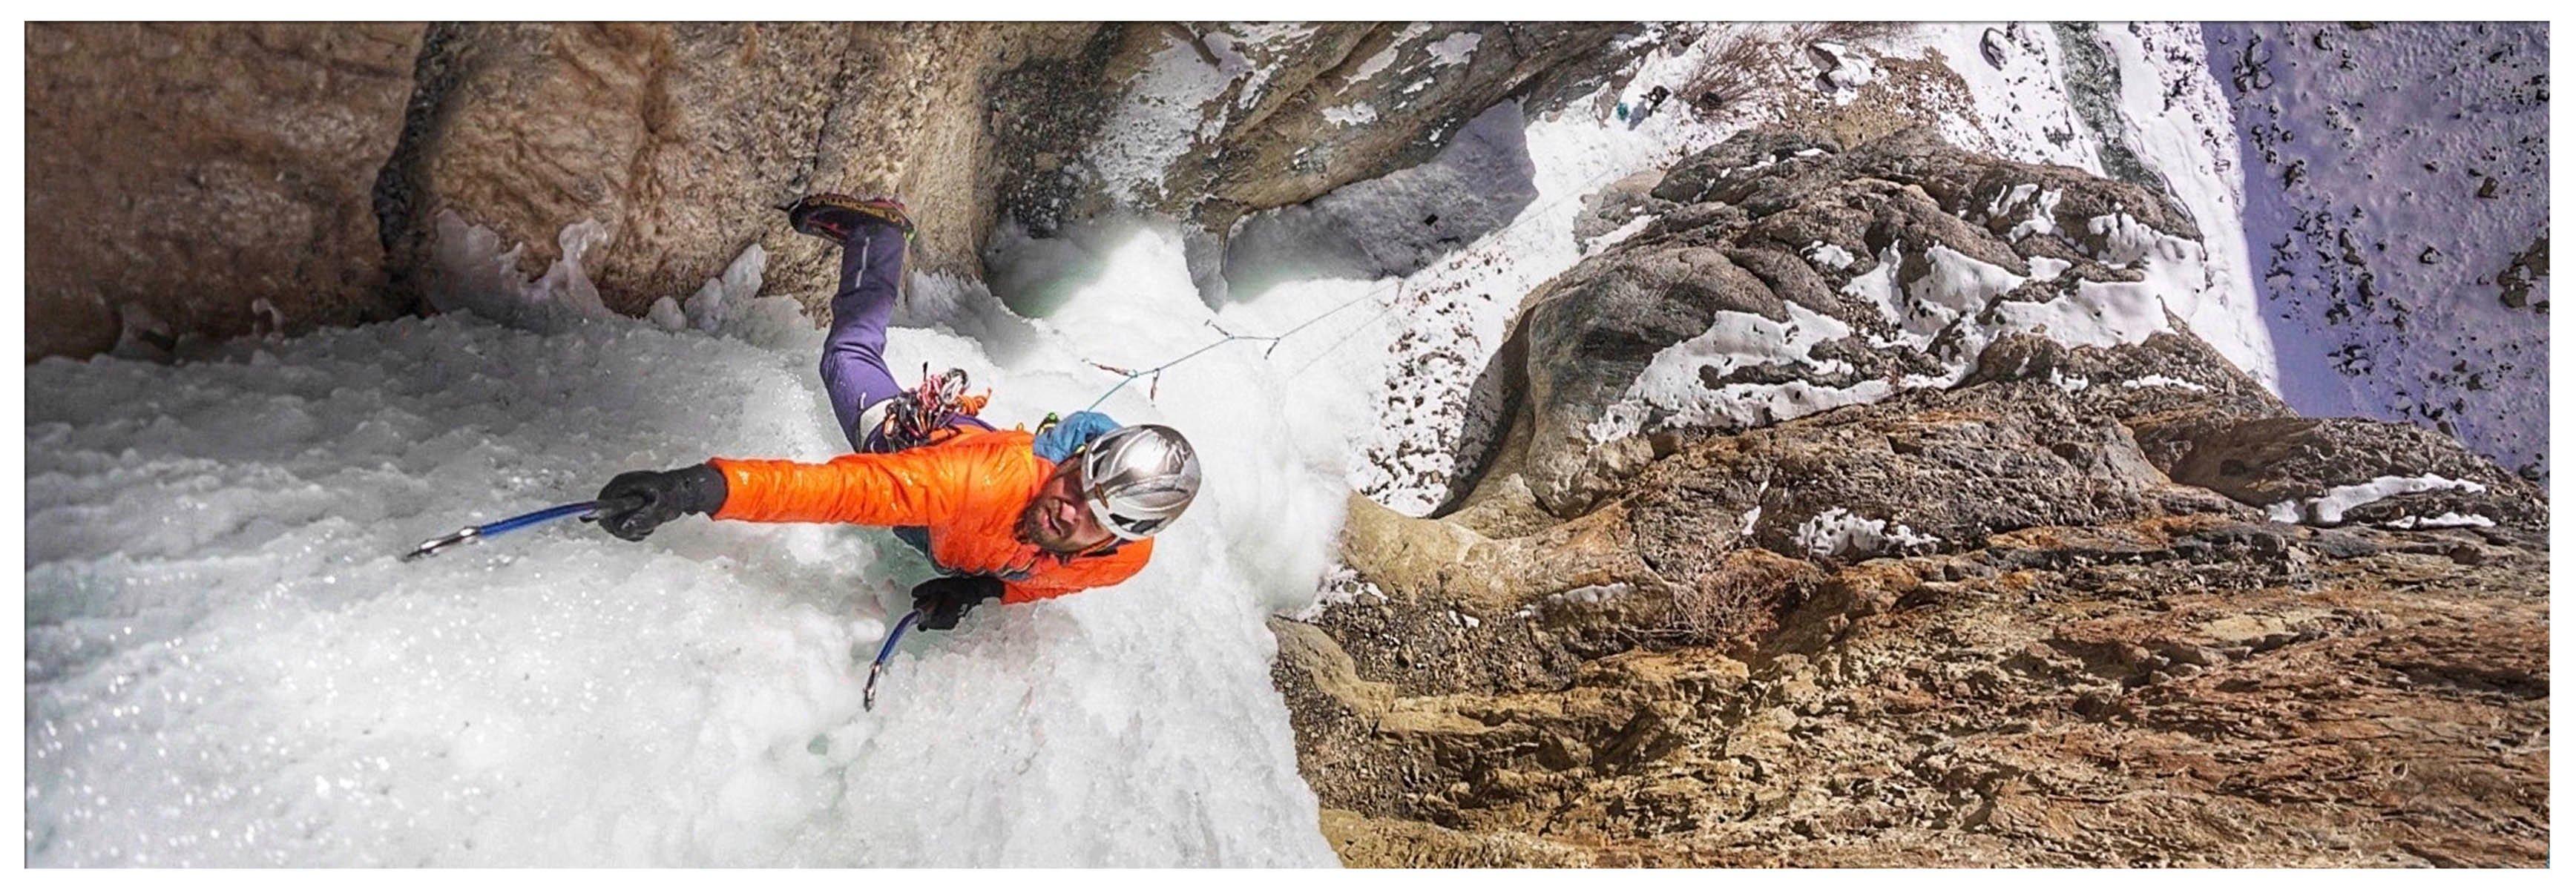 ice-climbers_2